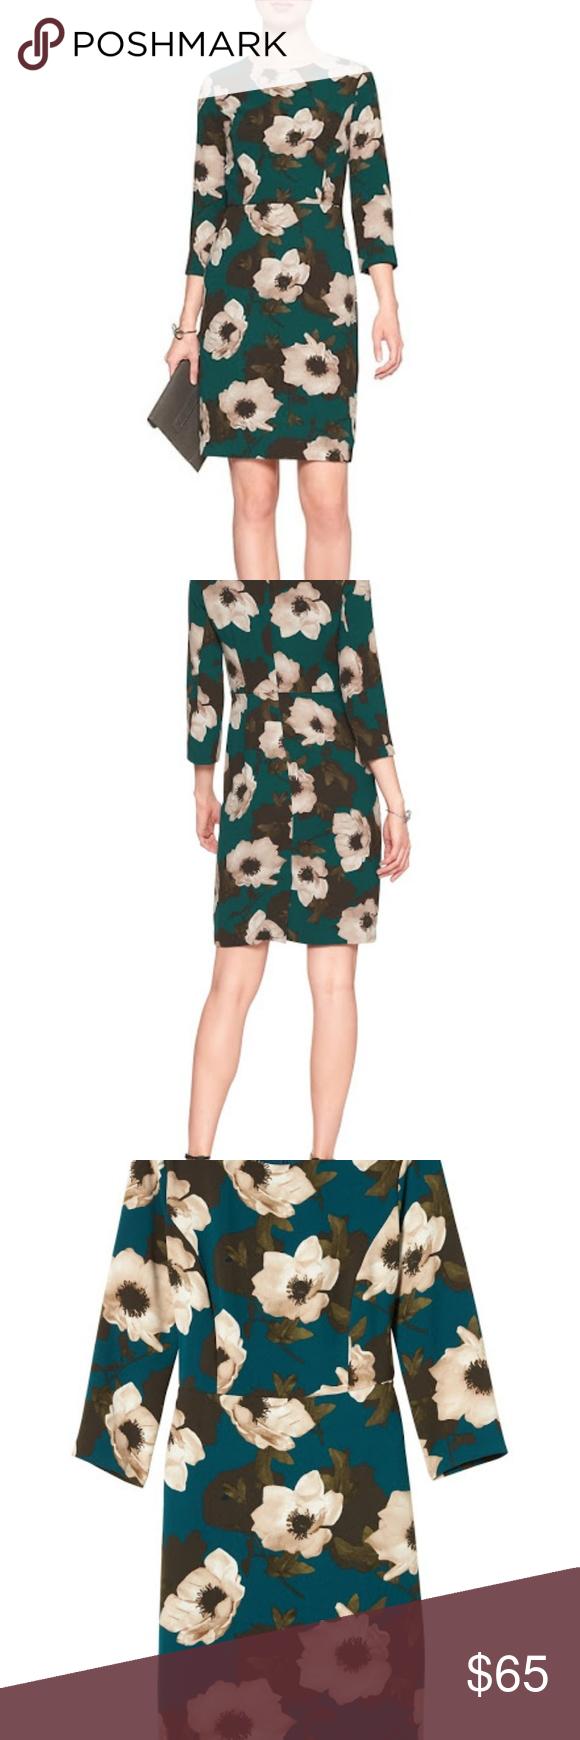 48+ Banana republic magnolia dress inspirations